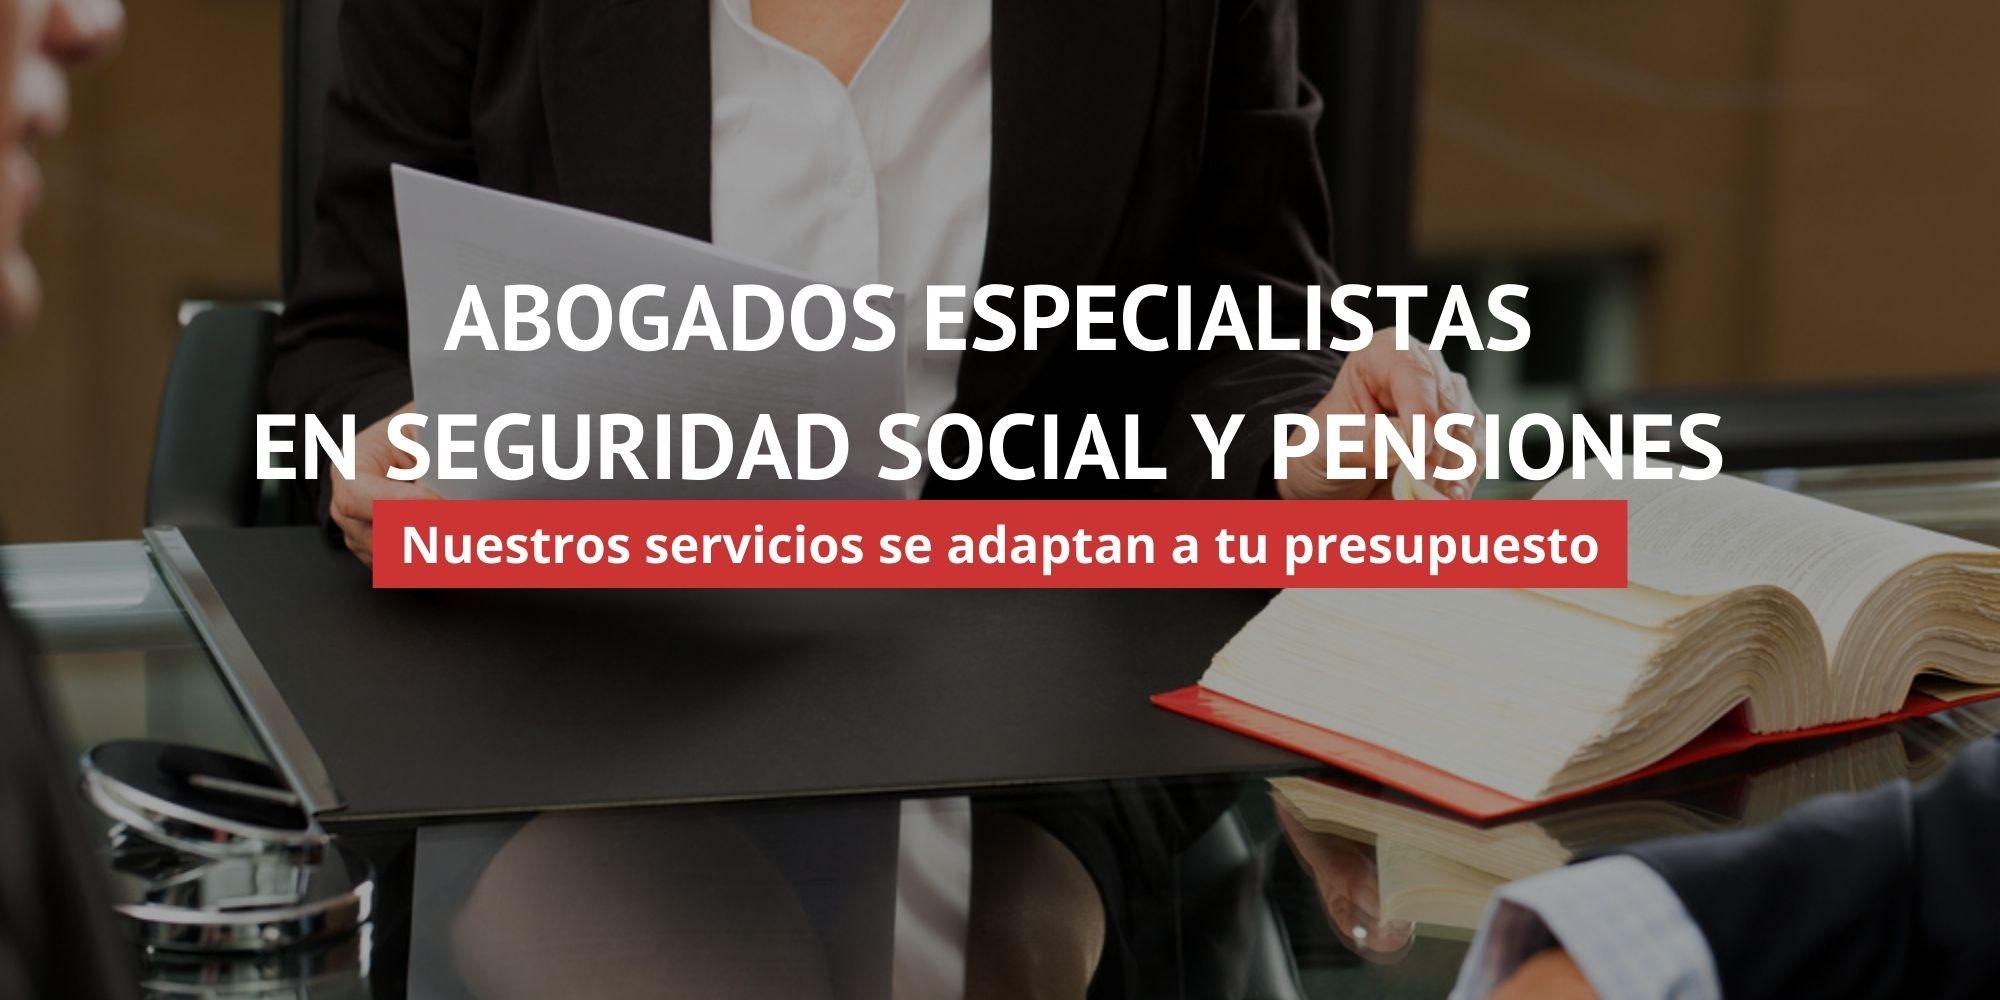 Abogados Especialistas en Seguridad Social y Pensiones Murcia - Primera Visita Gratis | ACC LEGAL ABOGADOS